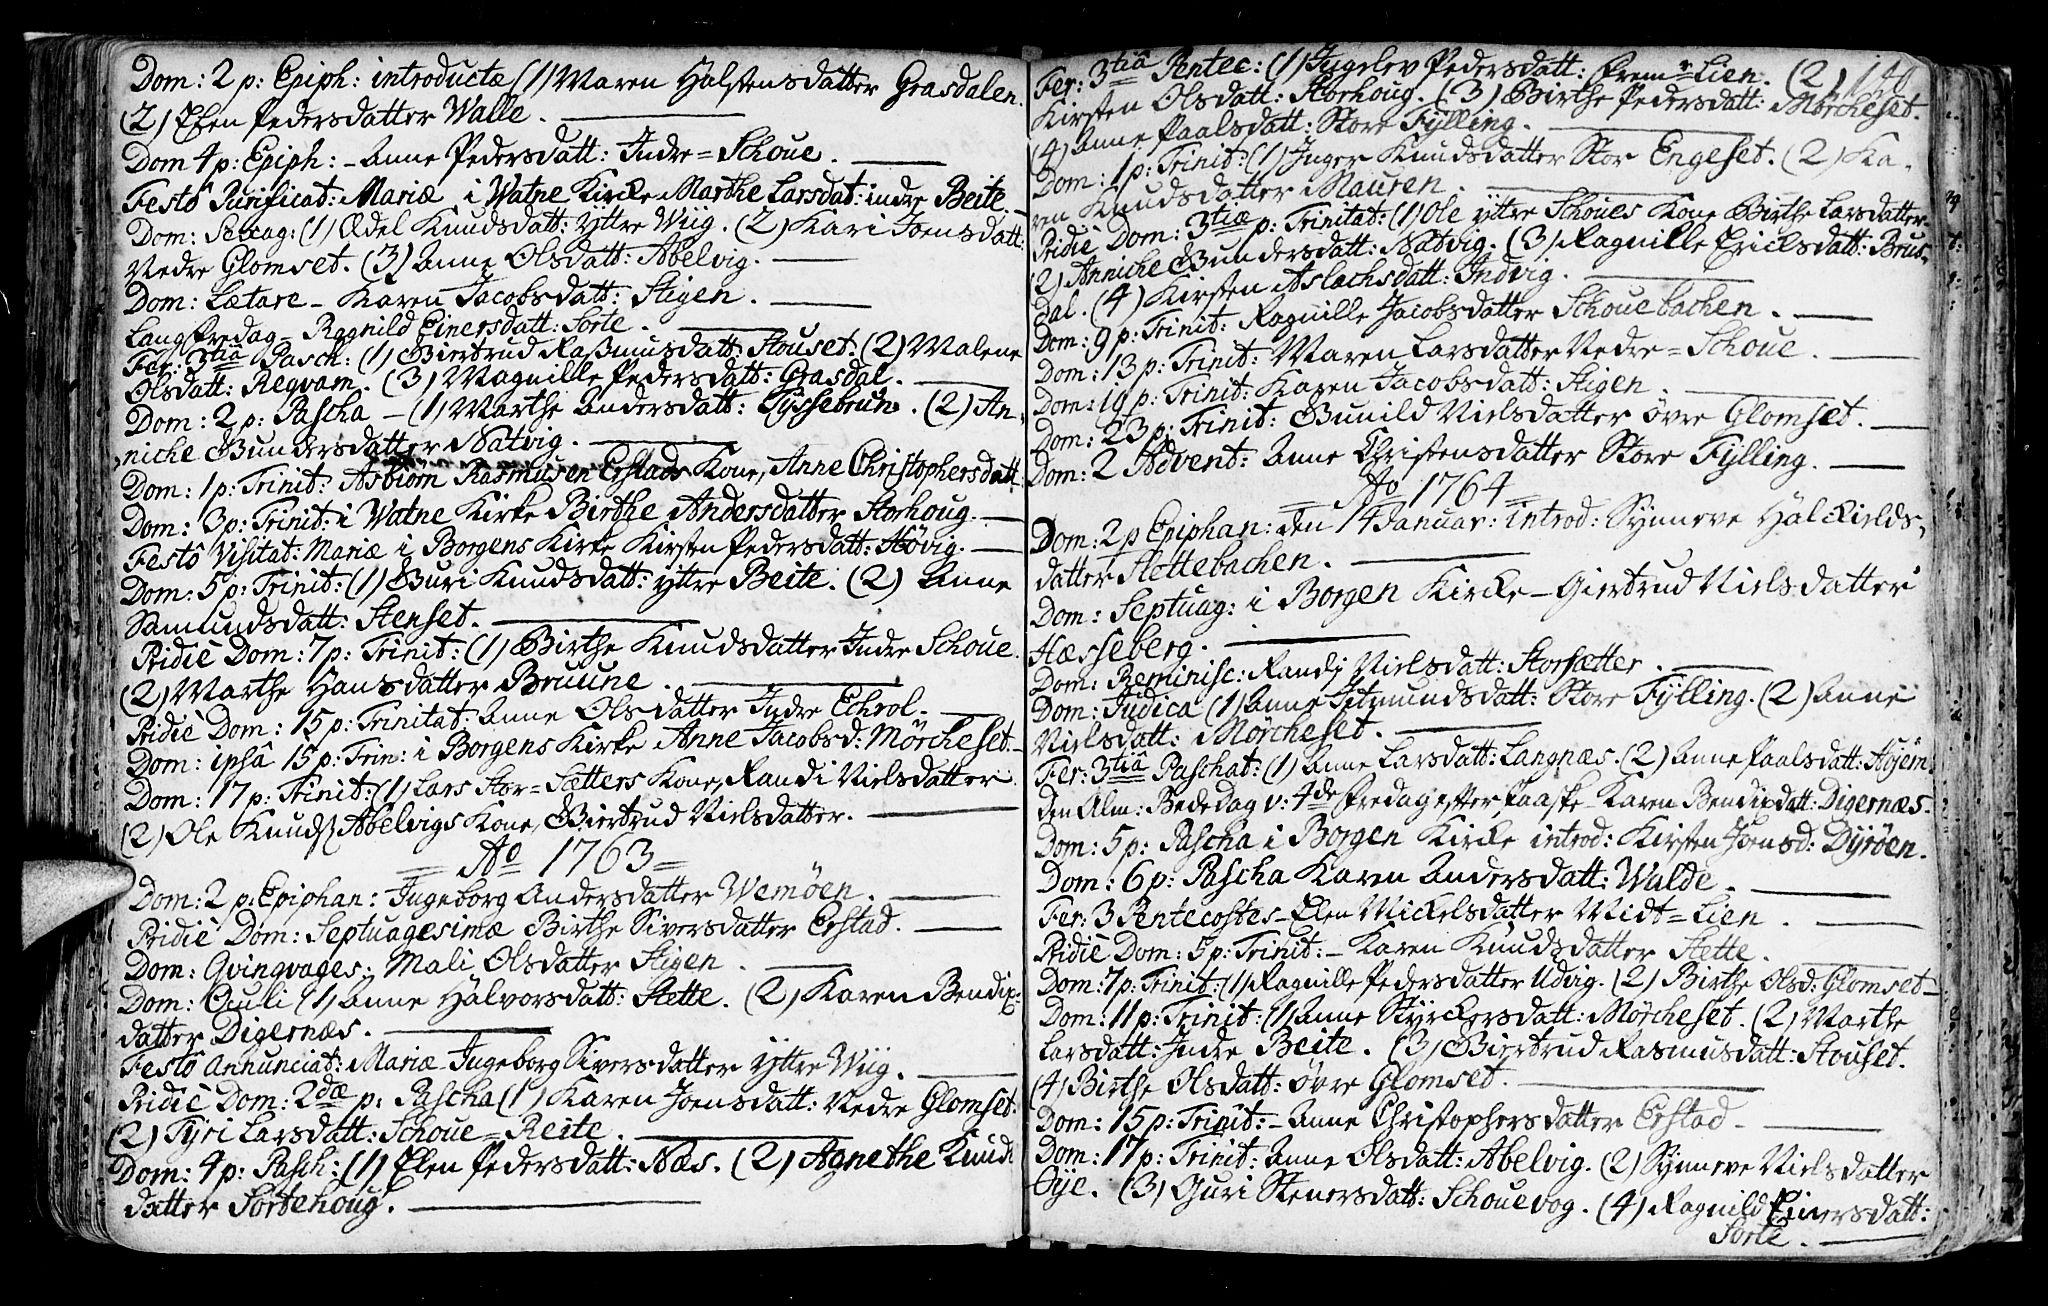 SAT, Ministerialprotokoller, klokkerbøker og fødselsregistre - Møre og Romsdal, 524/L0349: Parish register (official) no. 524A01, 1698-1779, p. 140